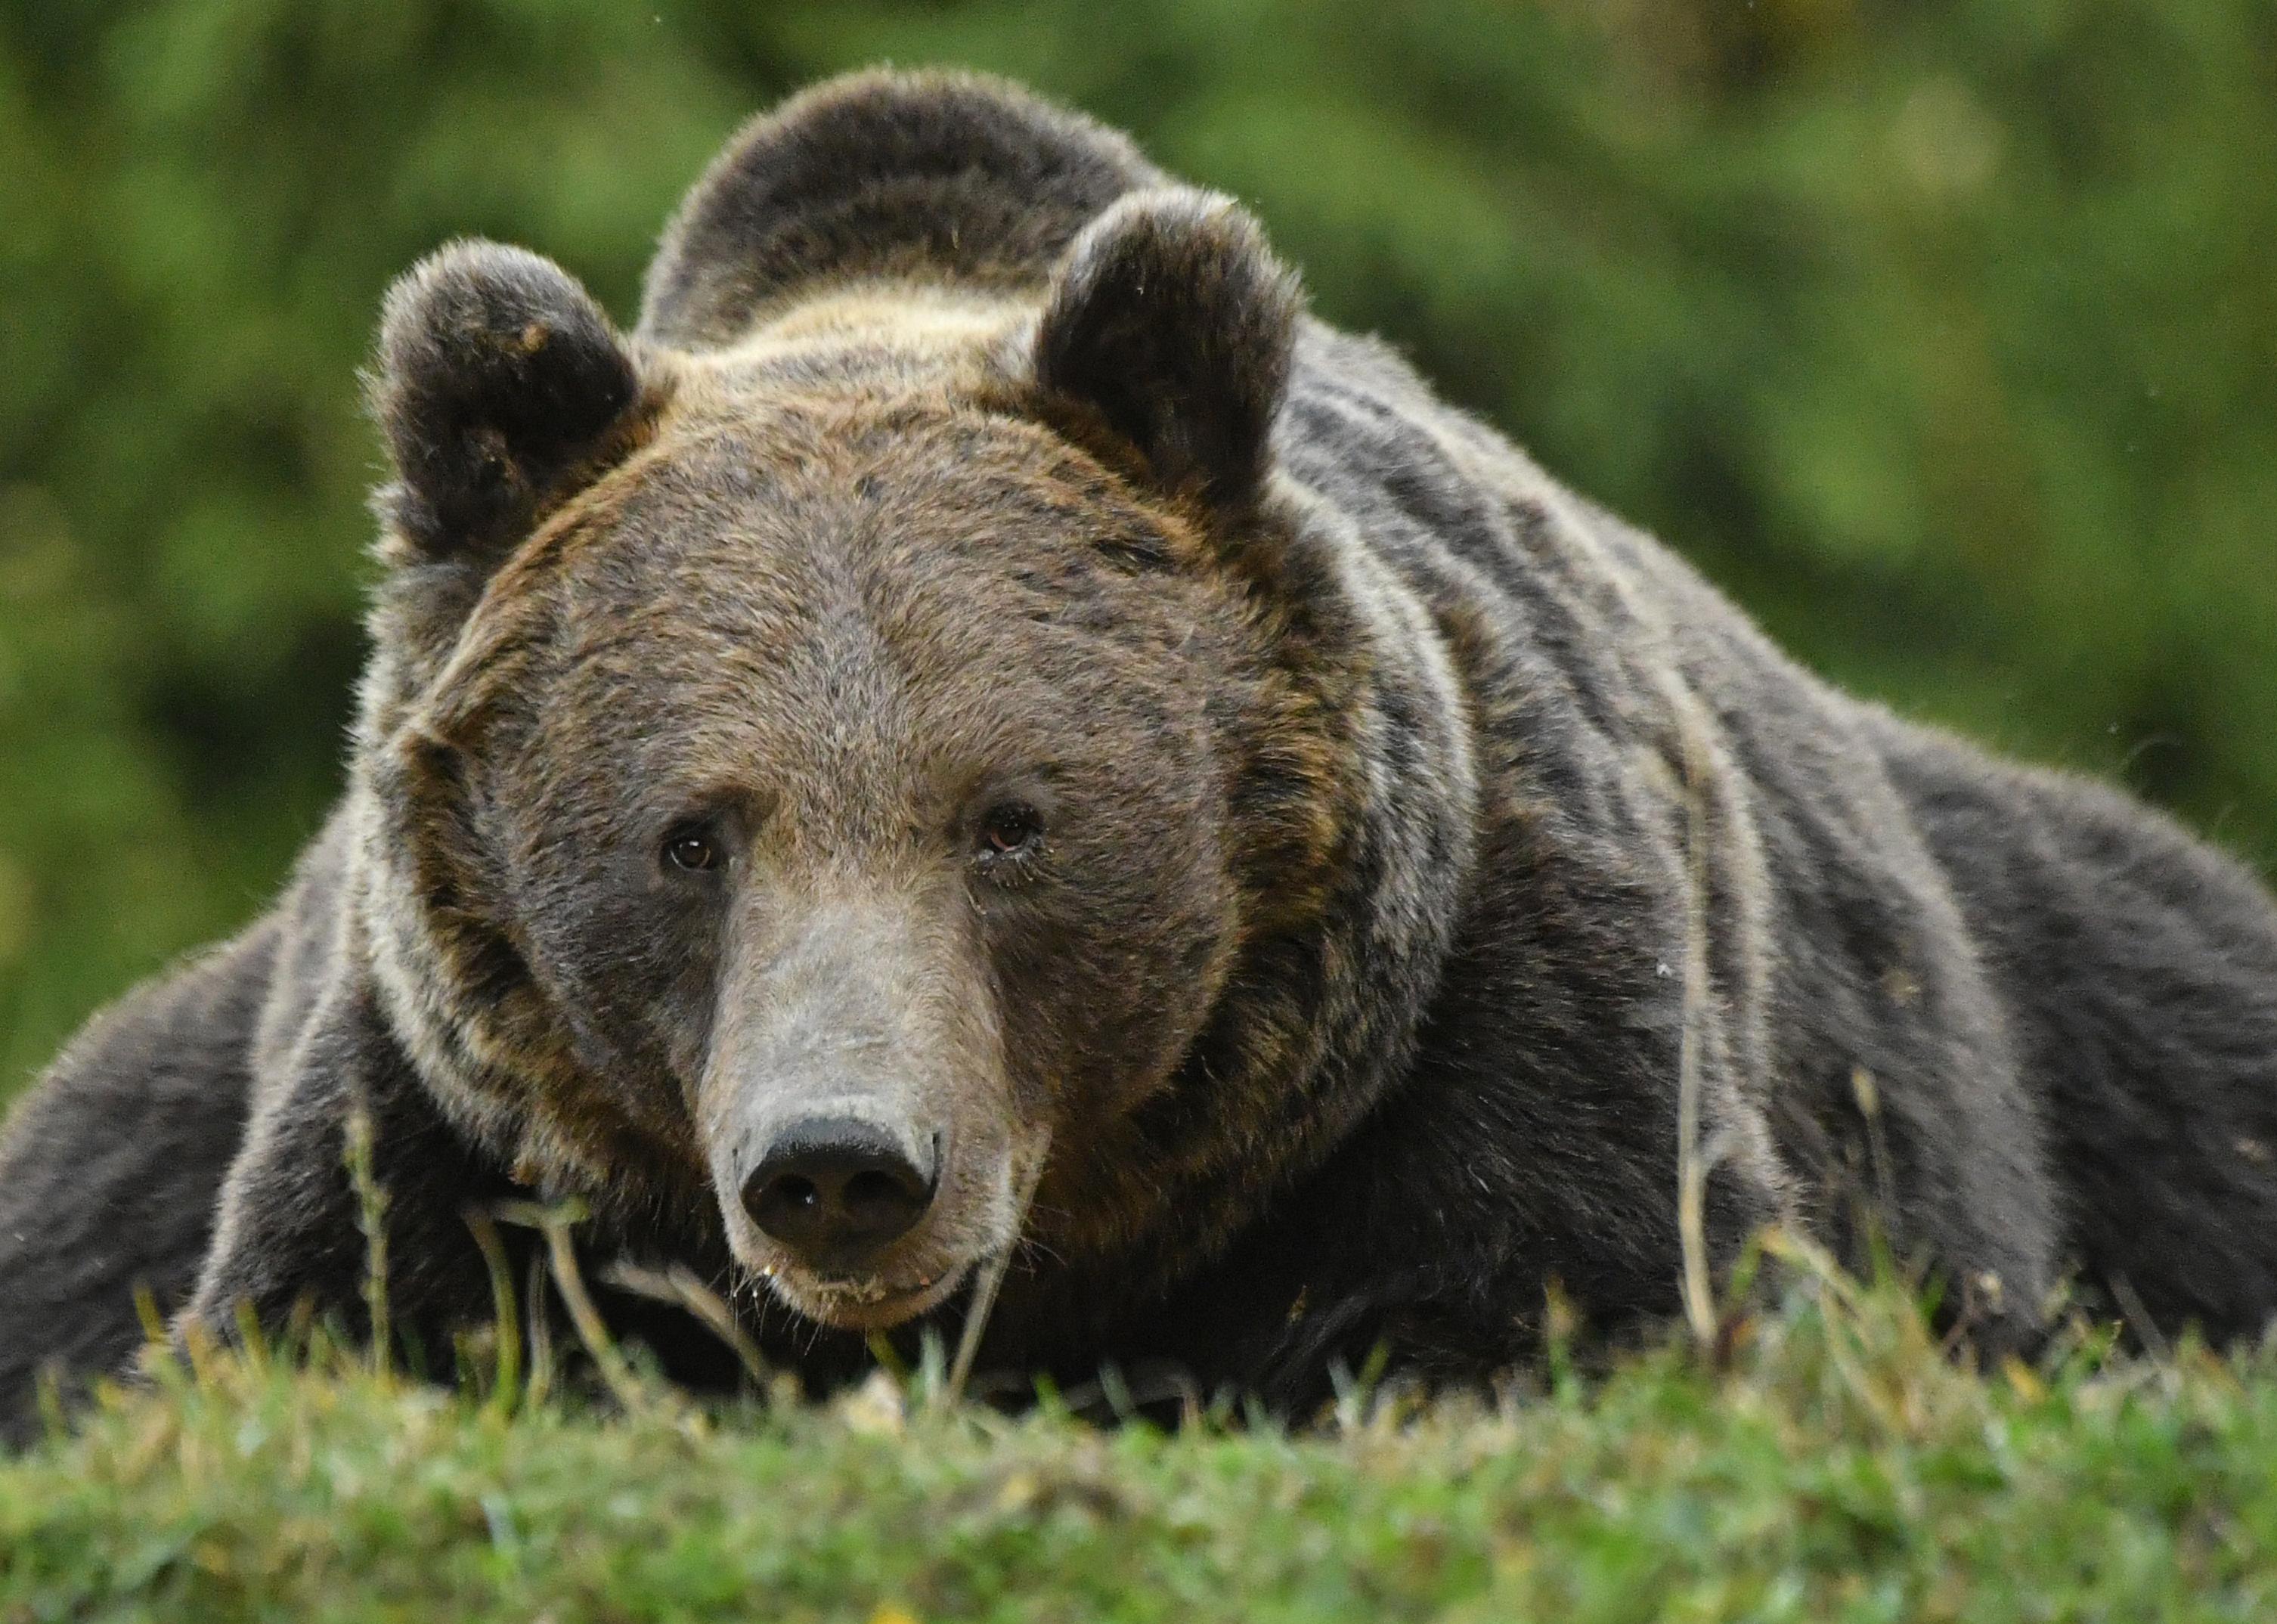 Ezúttal egy nyolcéves gyereket támadott meg egy medve Háromszéken